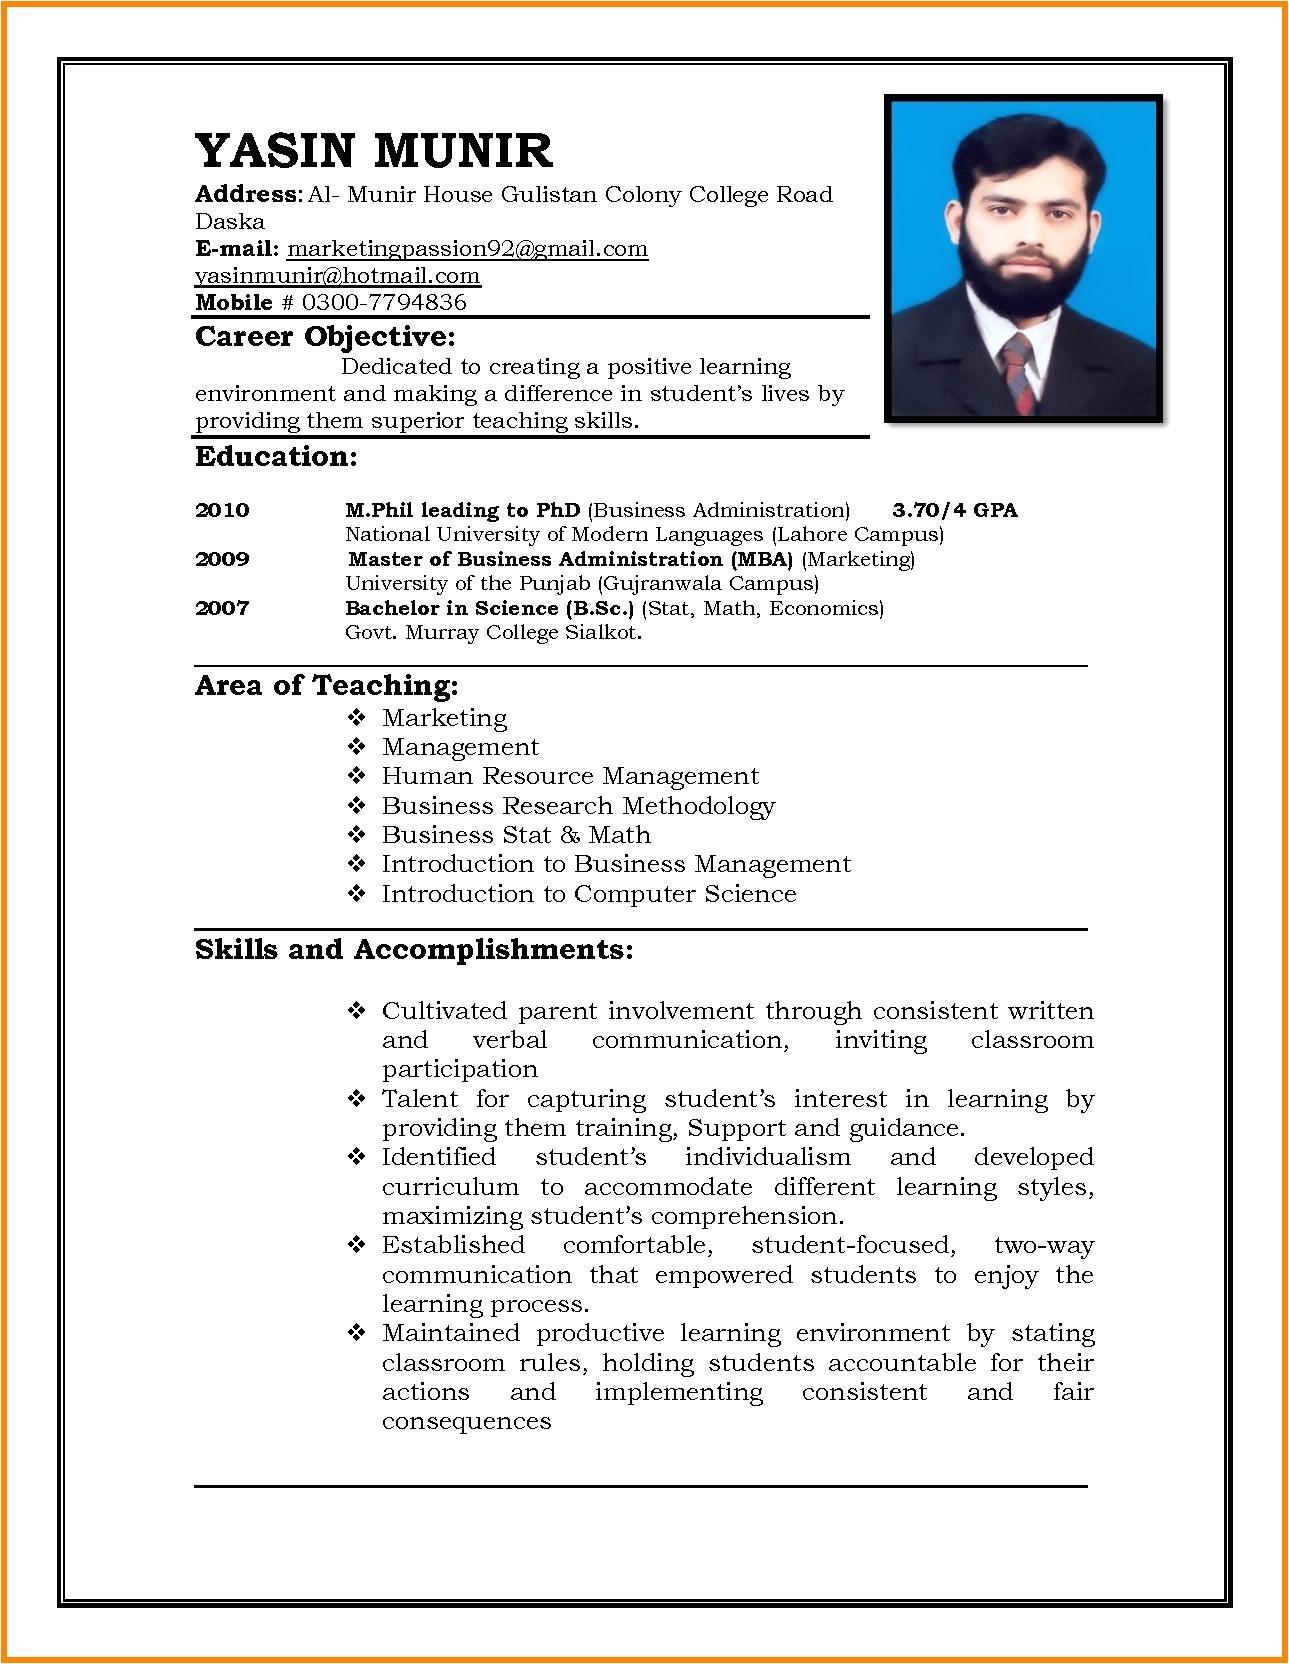 resume sample for ojt objectives new resume format doc for ojt